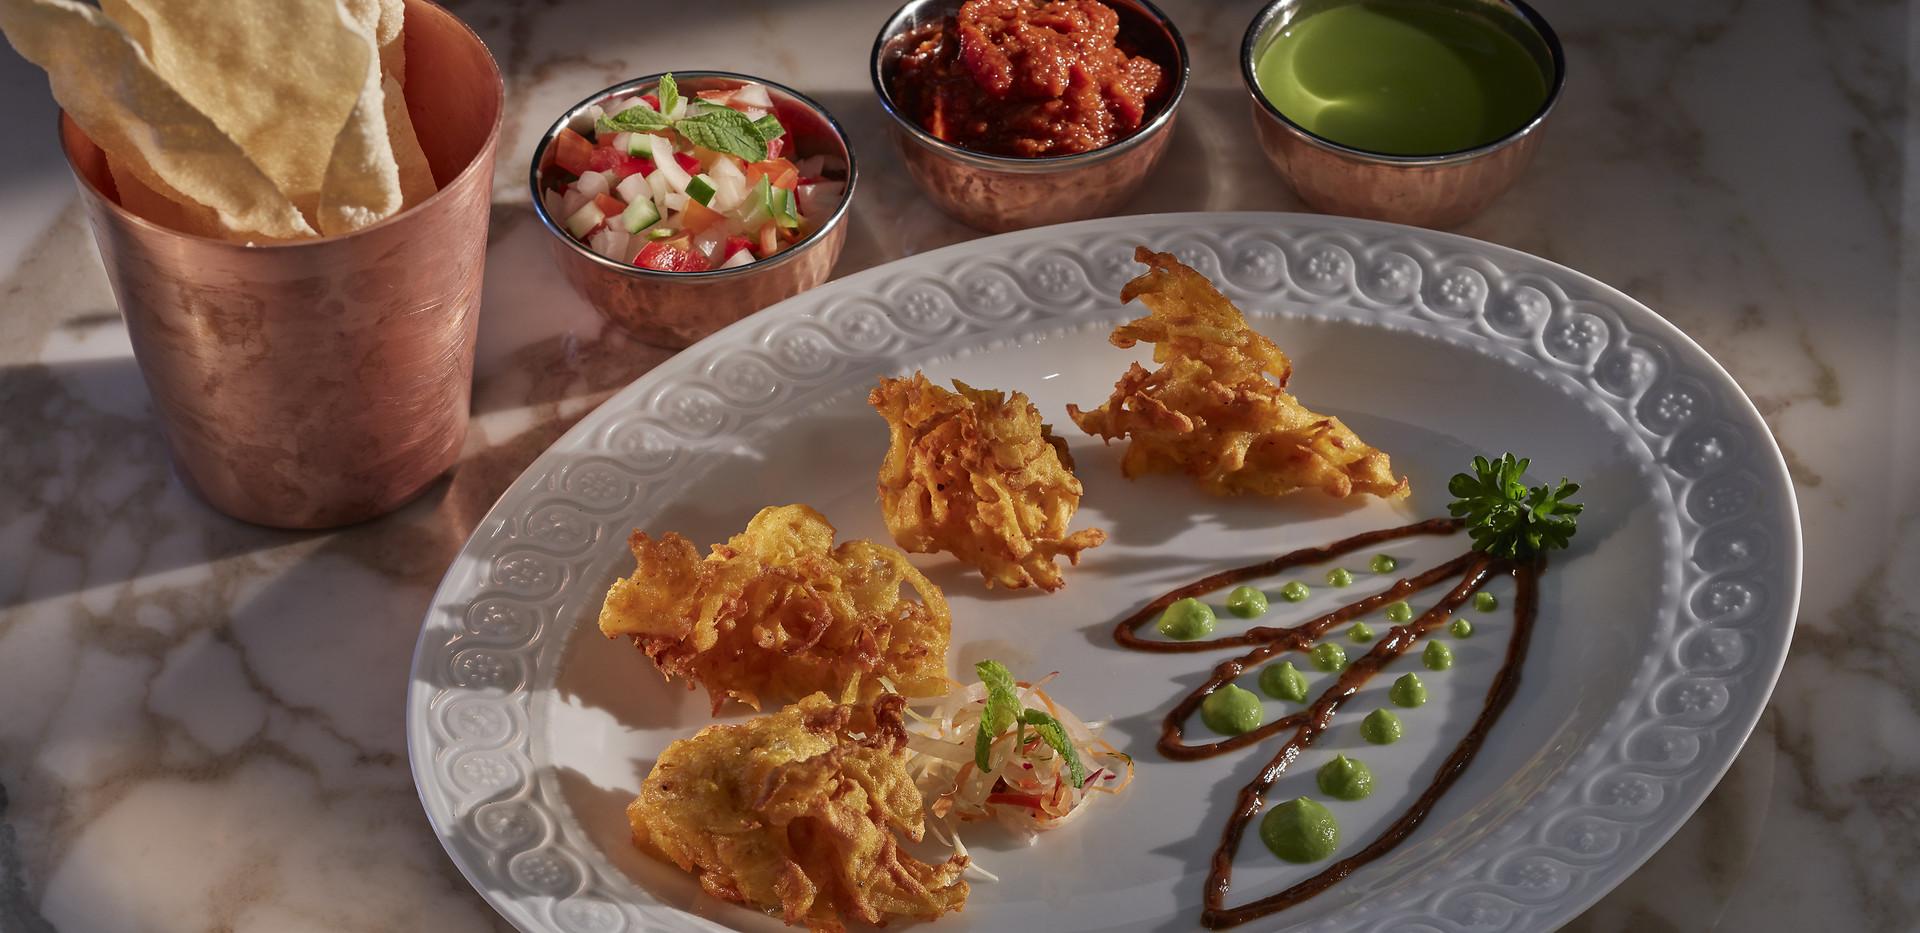 canouan-fine-dining-asianne-food-crispy-